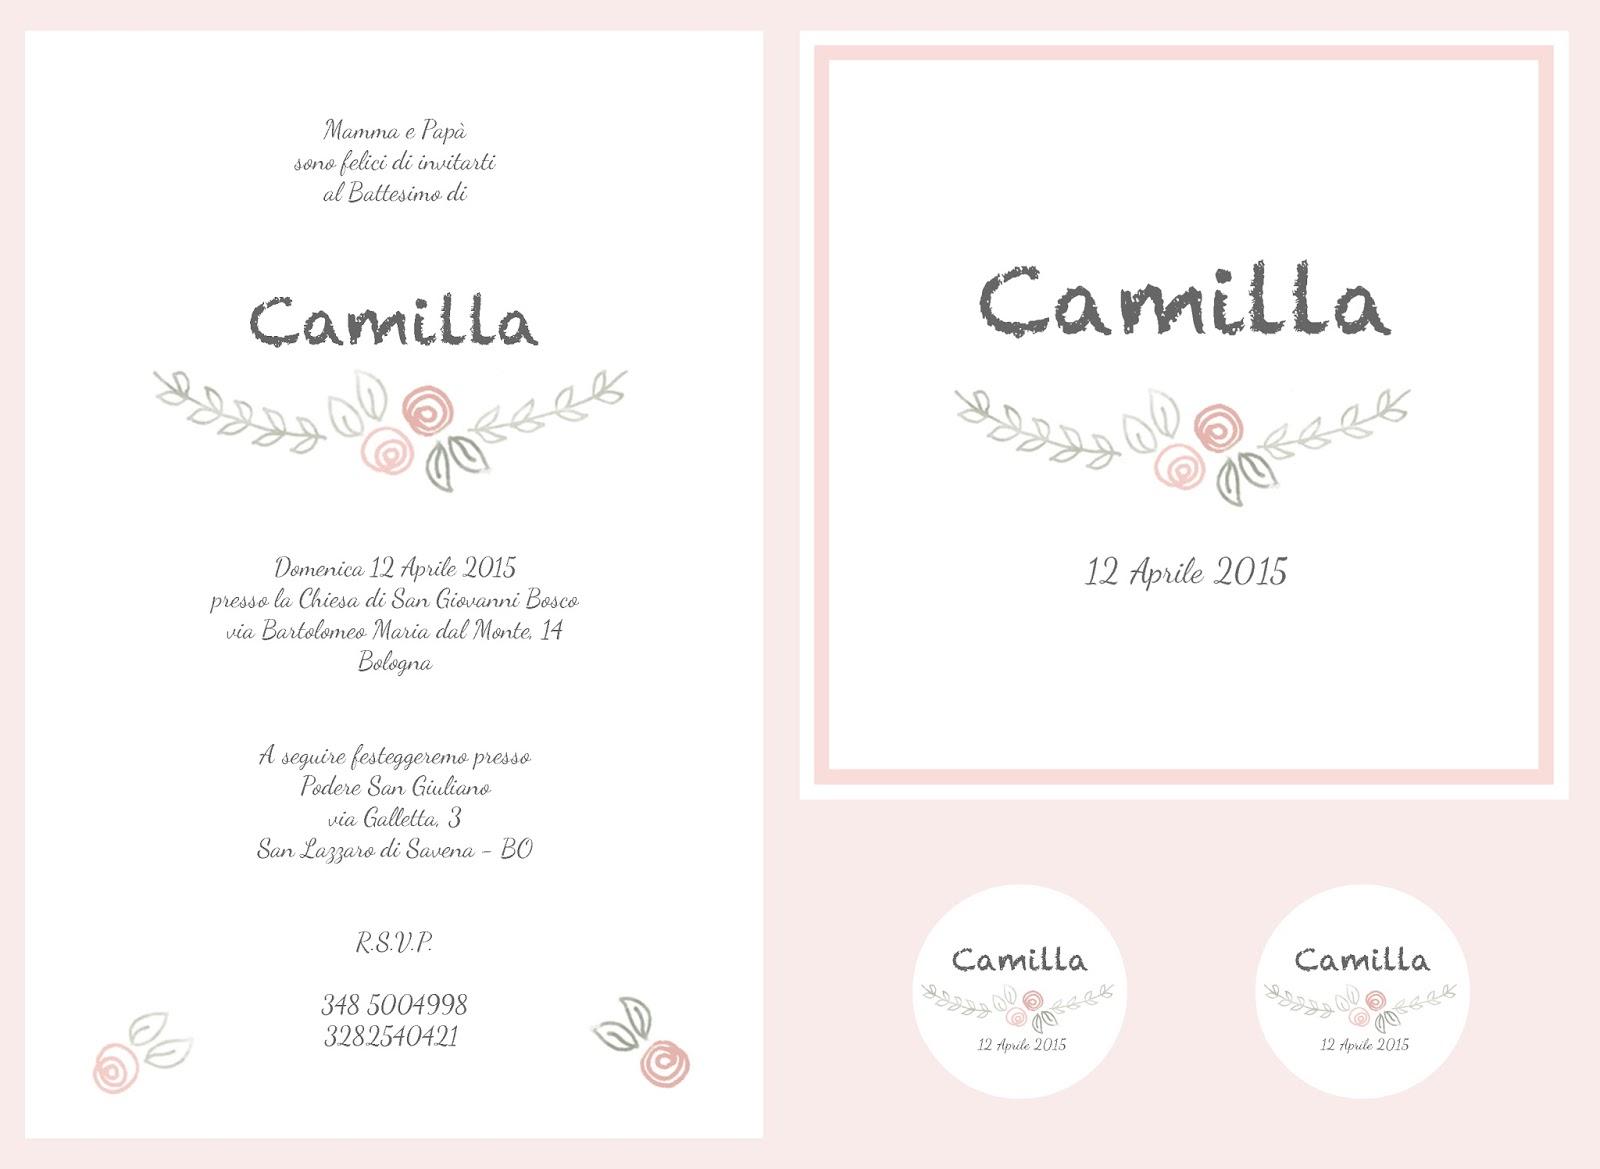 Favorito Avoriophoto: * Avoriopaper - Grafica per il Battesimo di Camilla * QF87